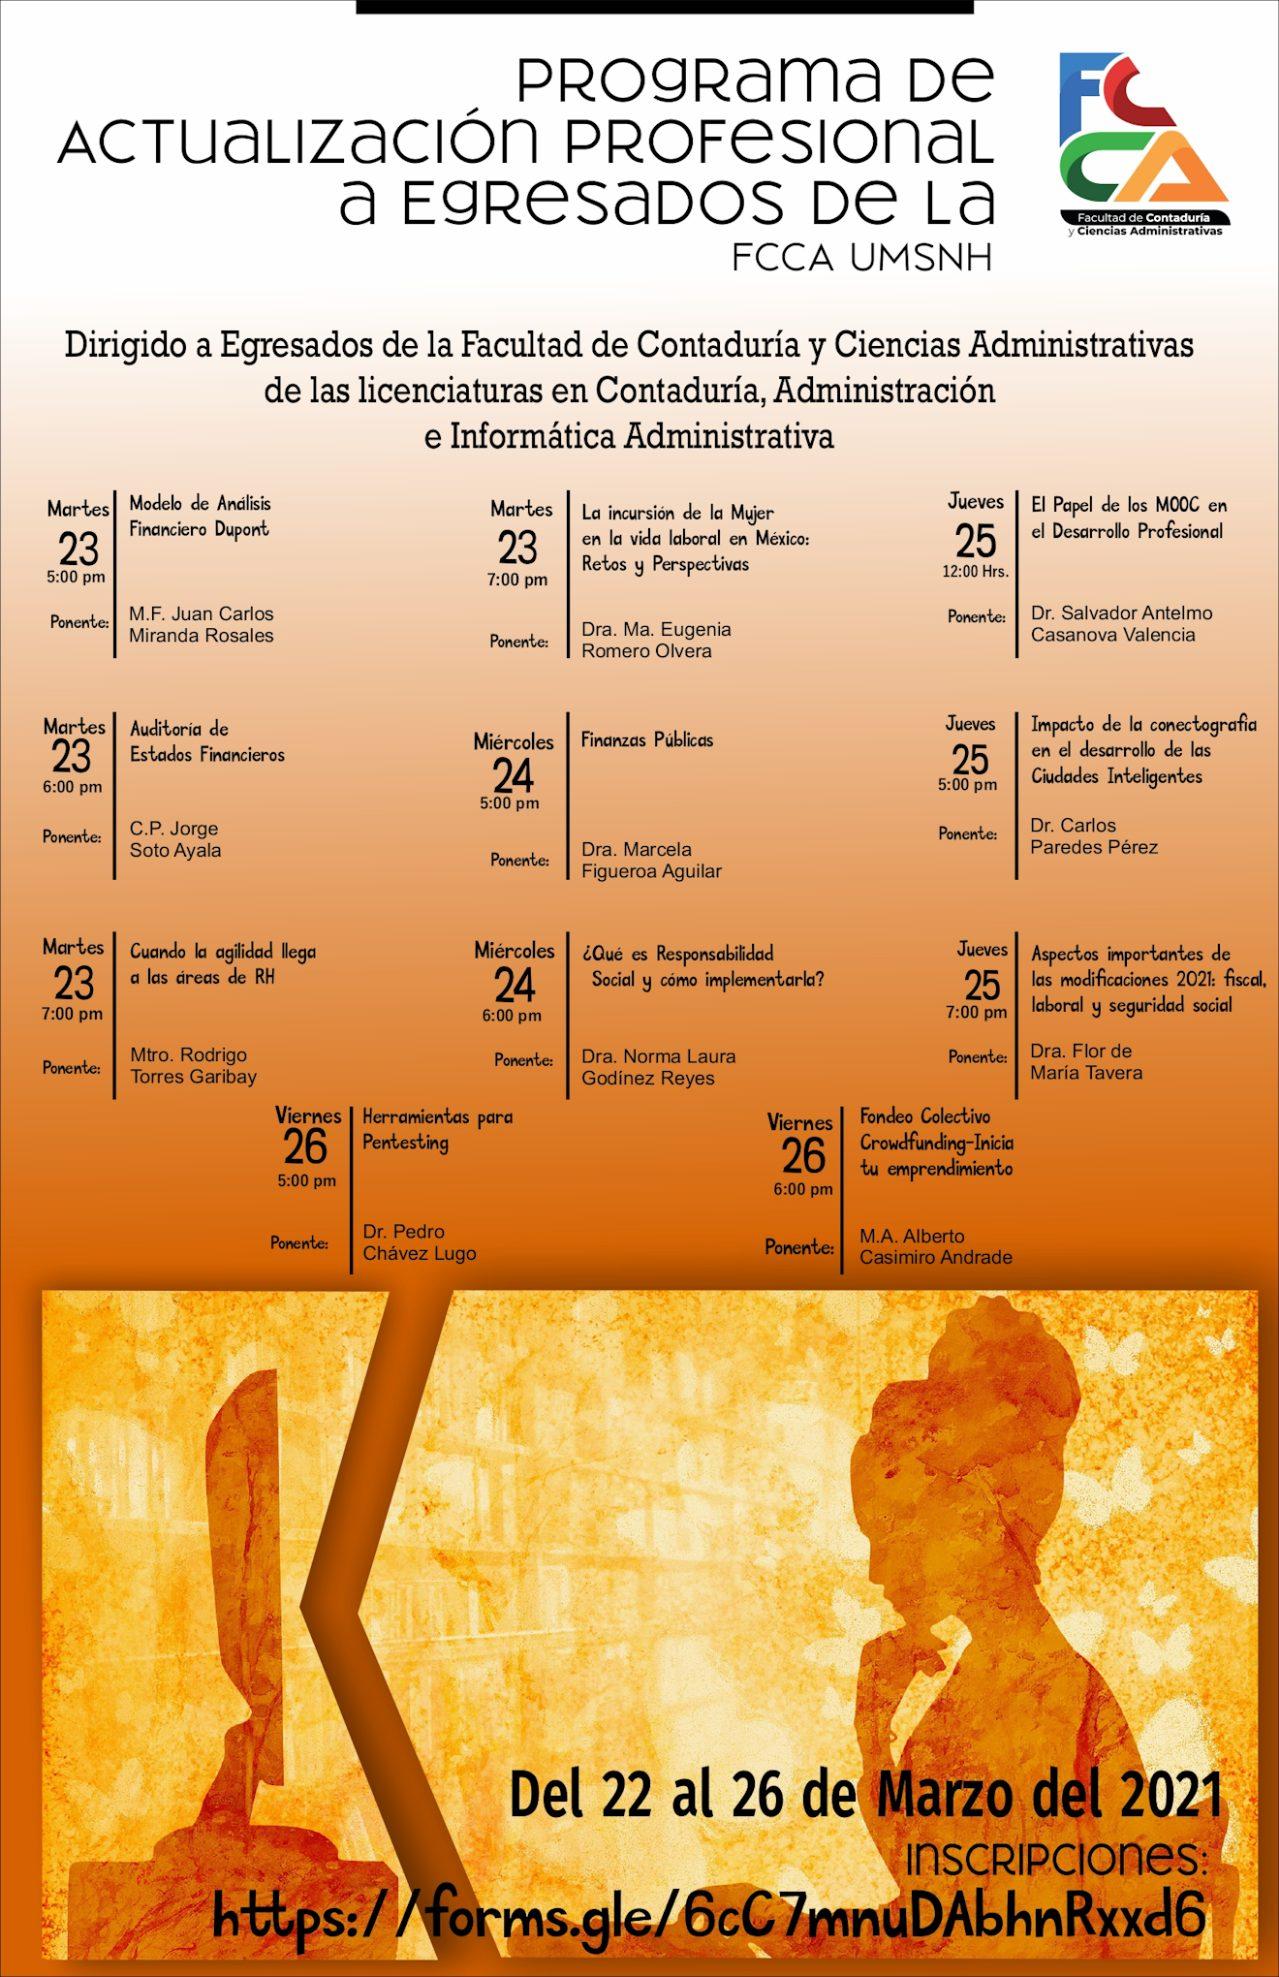 Progrma de Actualización Profesional a Egresados de la FCCA - UMSNH